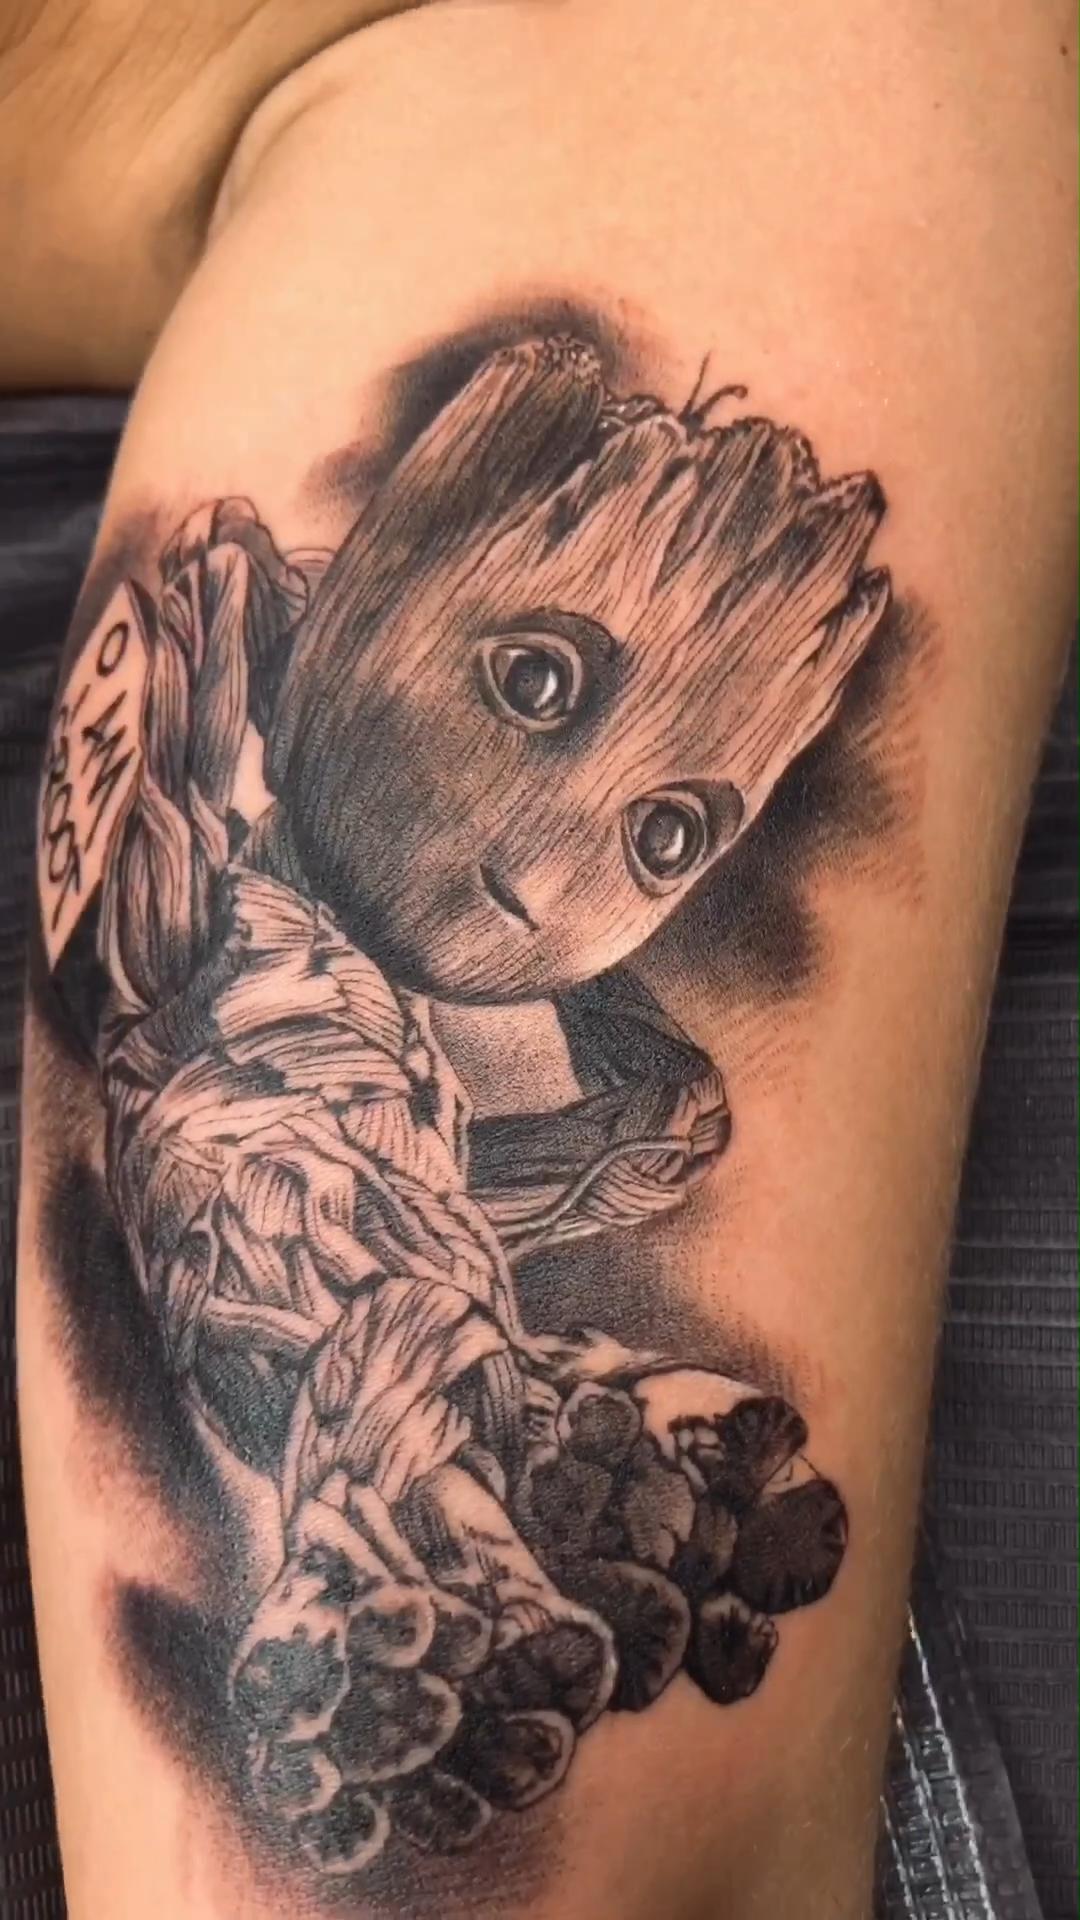 Tatuaje realista de Groot, superhéroe de Marvel, hecho por Miguel Bohigues. Para más información visita nuestra página web vtattoo.es , al igual que nuestro perfil oficial de instagram: @vtattoo.miguelbohigues #Vtattoo #tattoo #Groot #Marvel #Avengers #Superhero #Comic